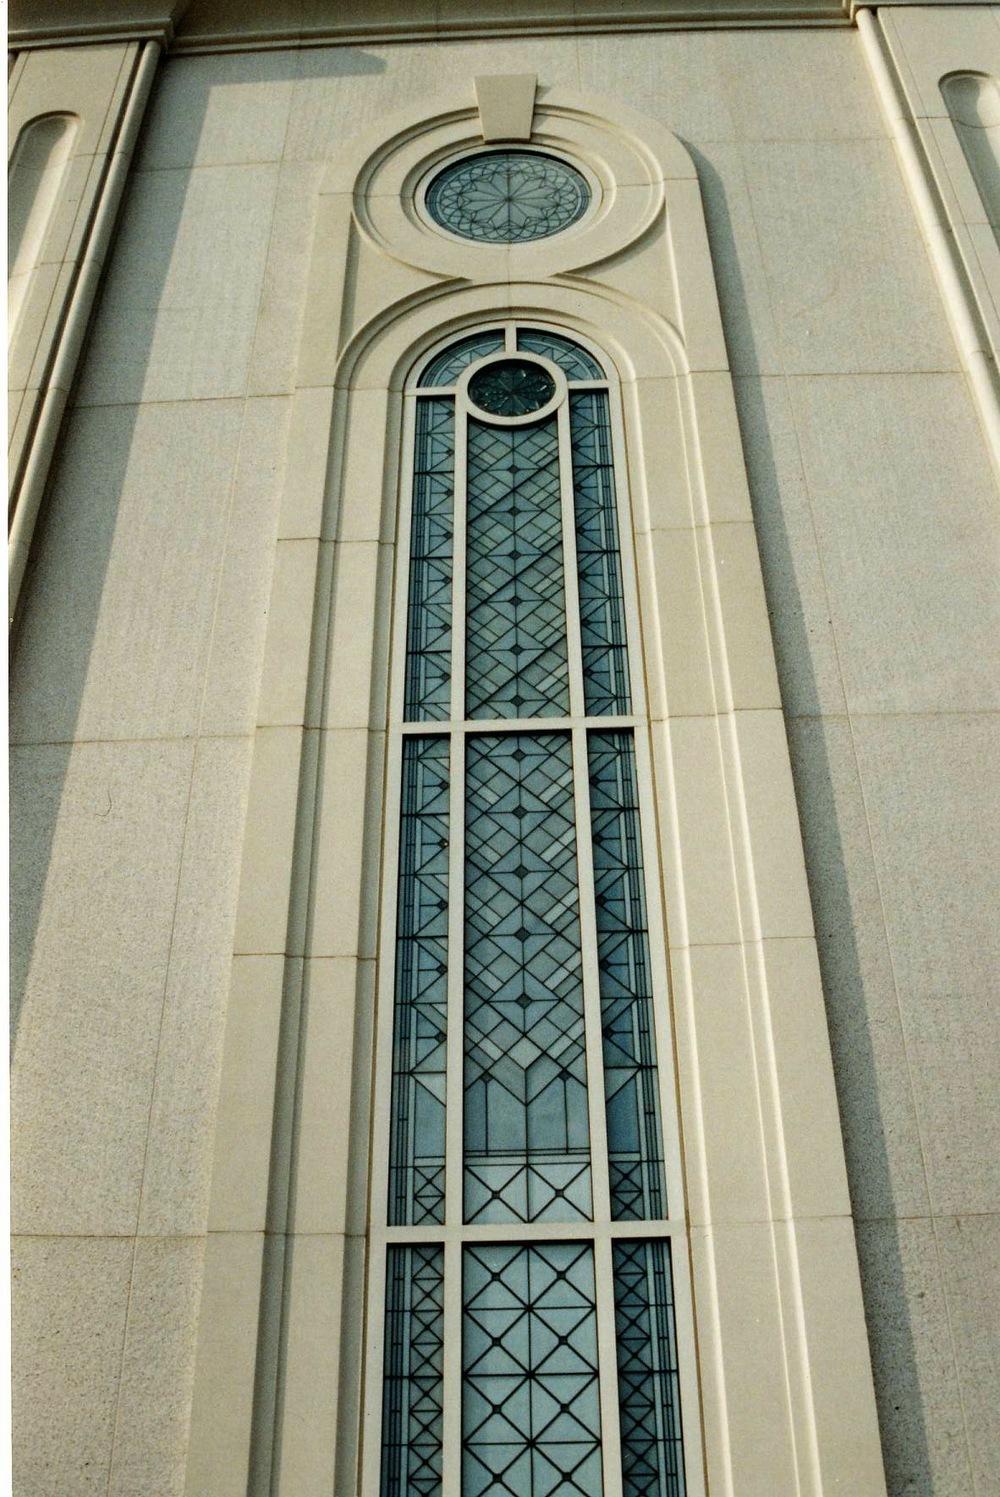 LDS Temple.  St. Louis, MO.